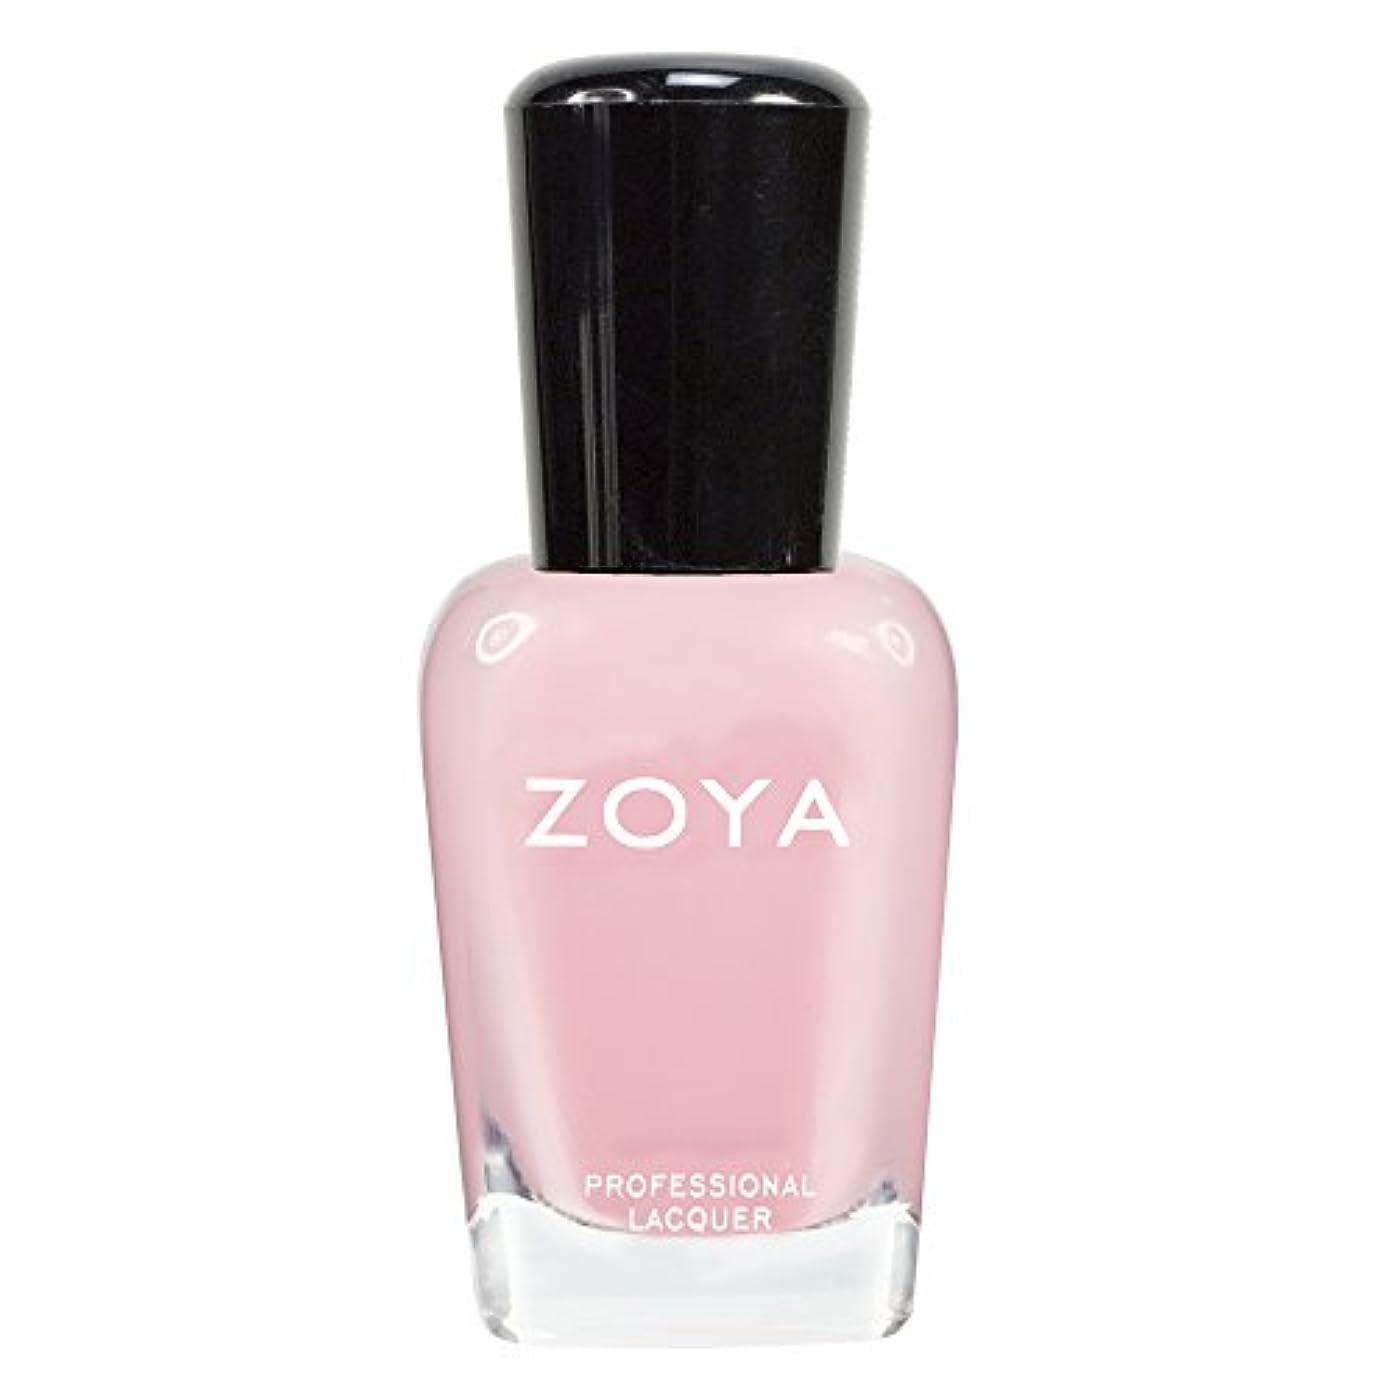 飼料もし記憶に残るZOYA ゾーヤ ネイルカラーZP433 LAURIE ローリー 15ml 可愛く色づく桜の花ようなピンク シアー/クリーム 爪にやさしいネイルラッカーマニキュア